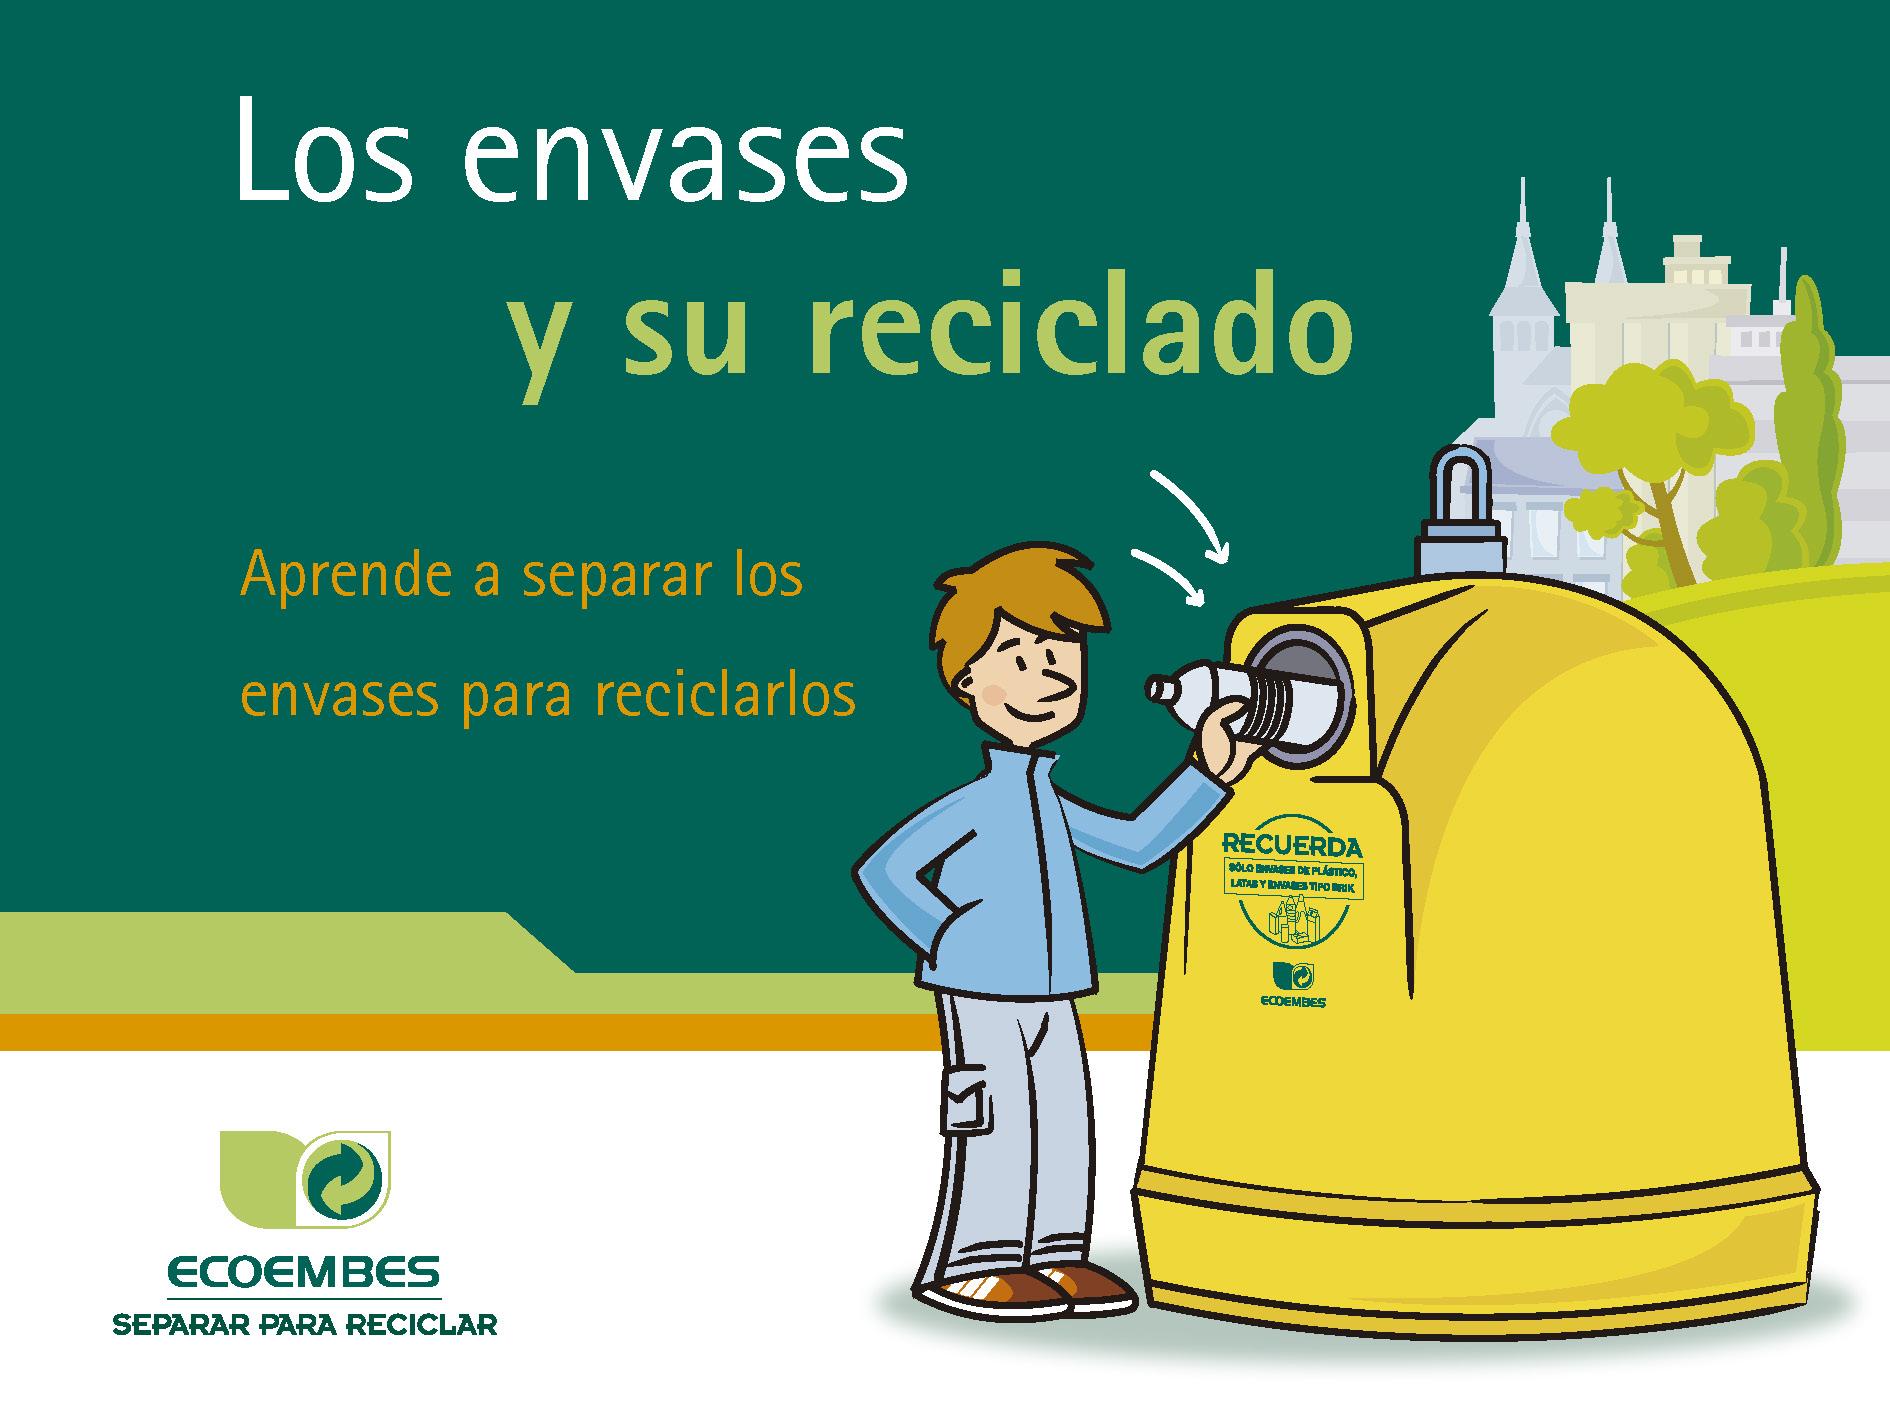 Los envases y su reciclado